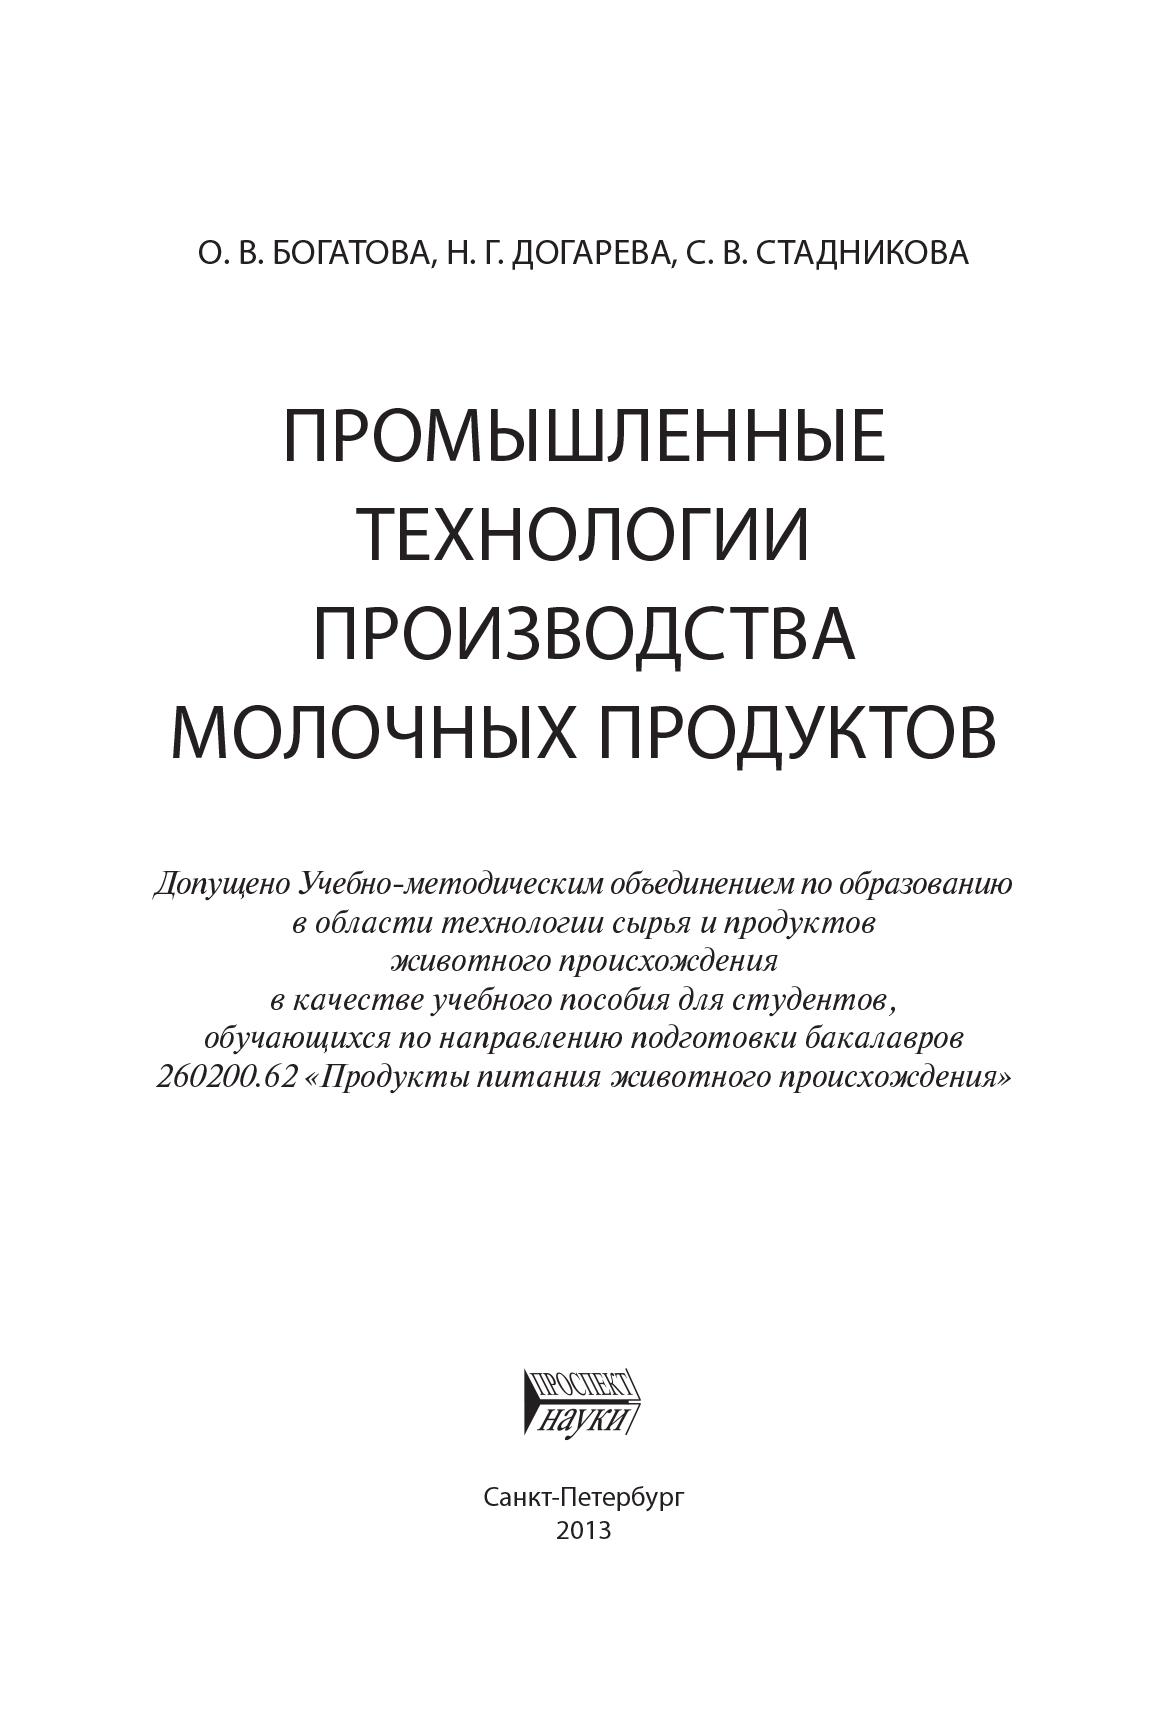 О. В. Богатова Промышленные технологии производства молочных продуктов